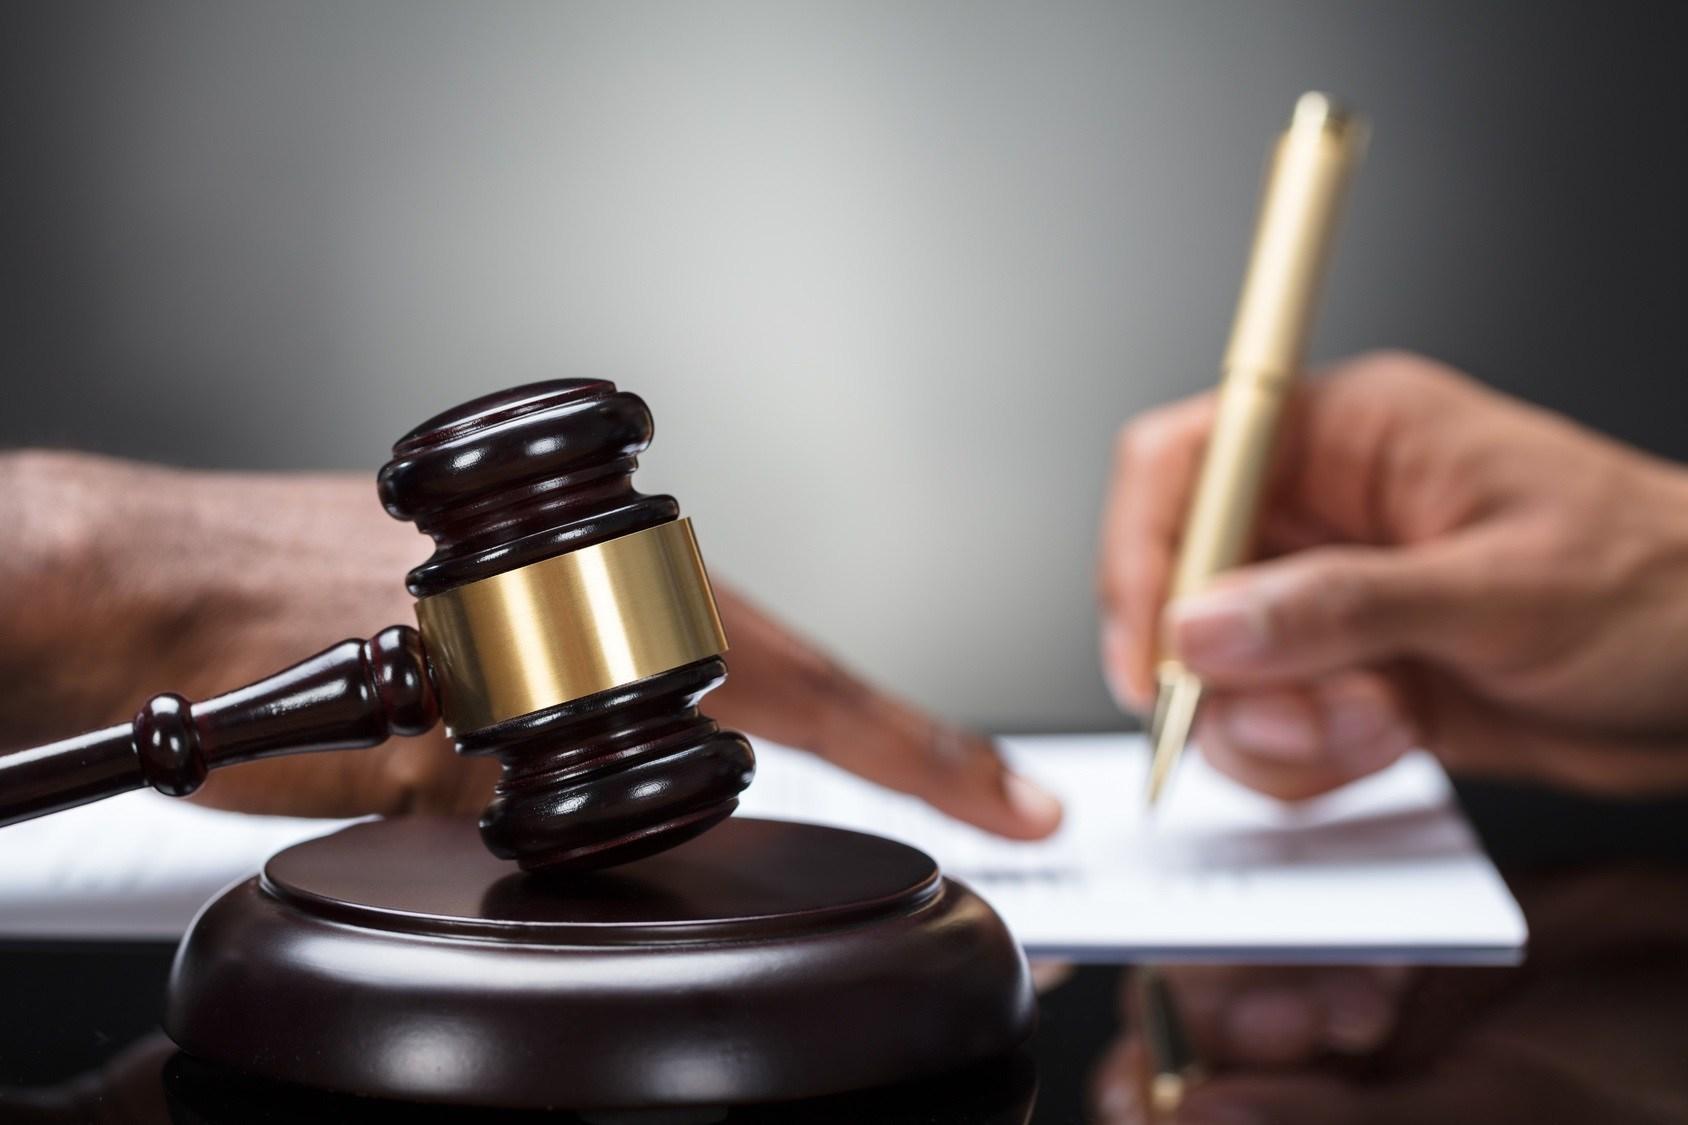 jugement église justice discipline bible jésus évangile